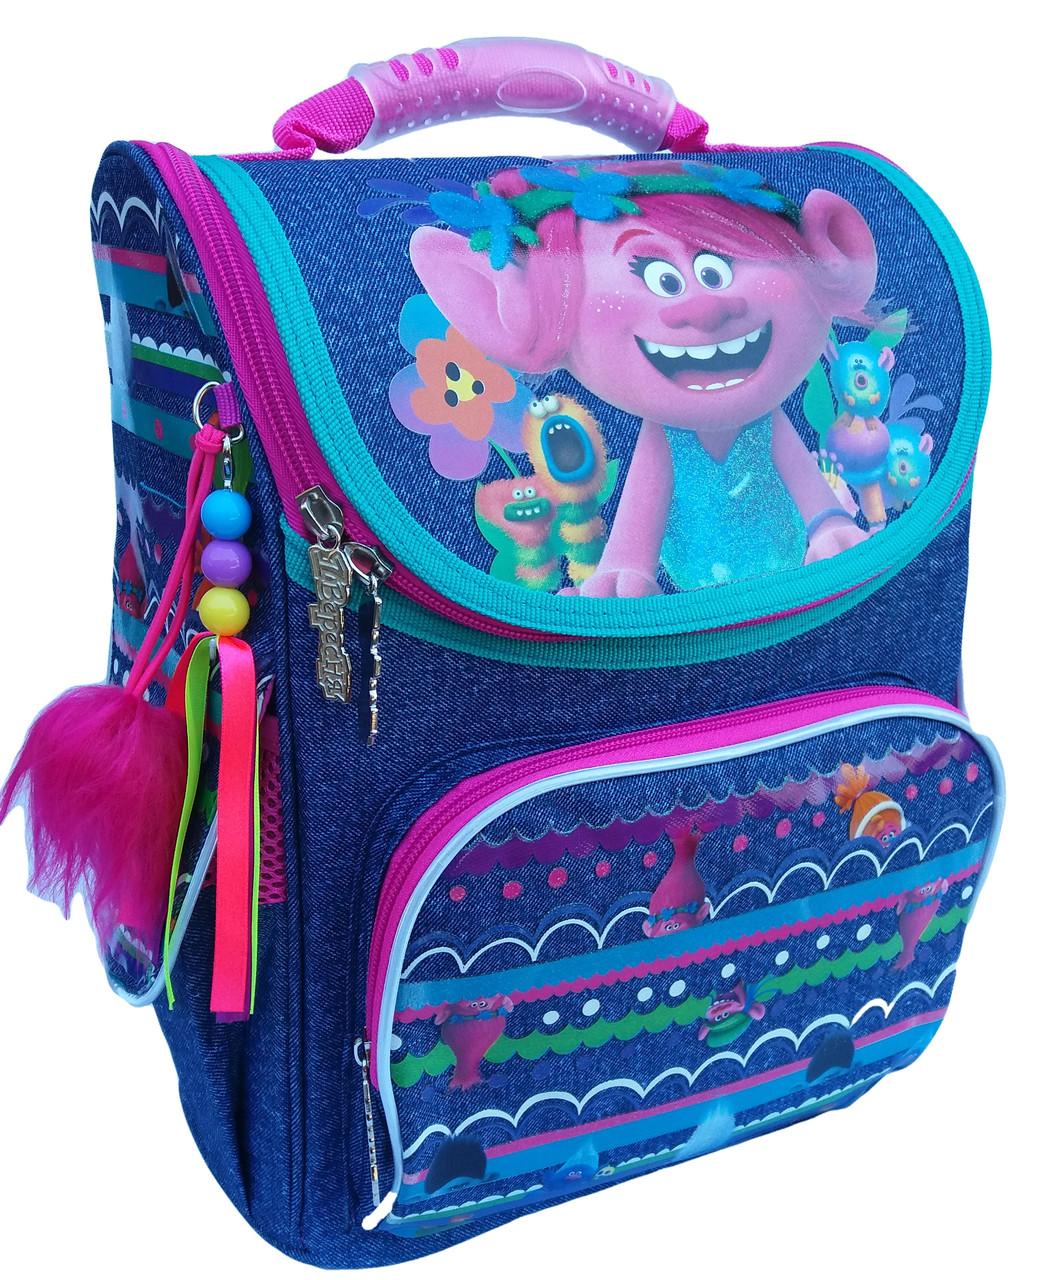 553405 Каркасный рюкзак YES H-11 Trolls 34*26*14